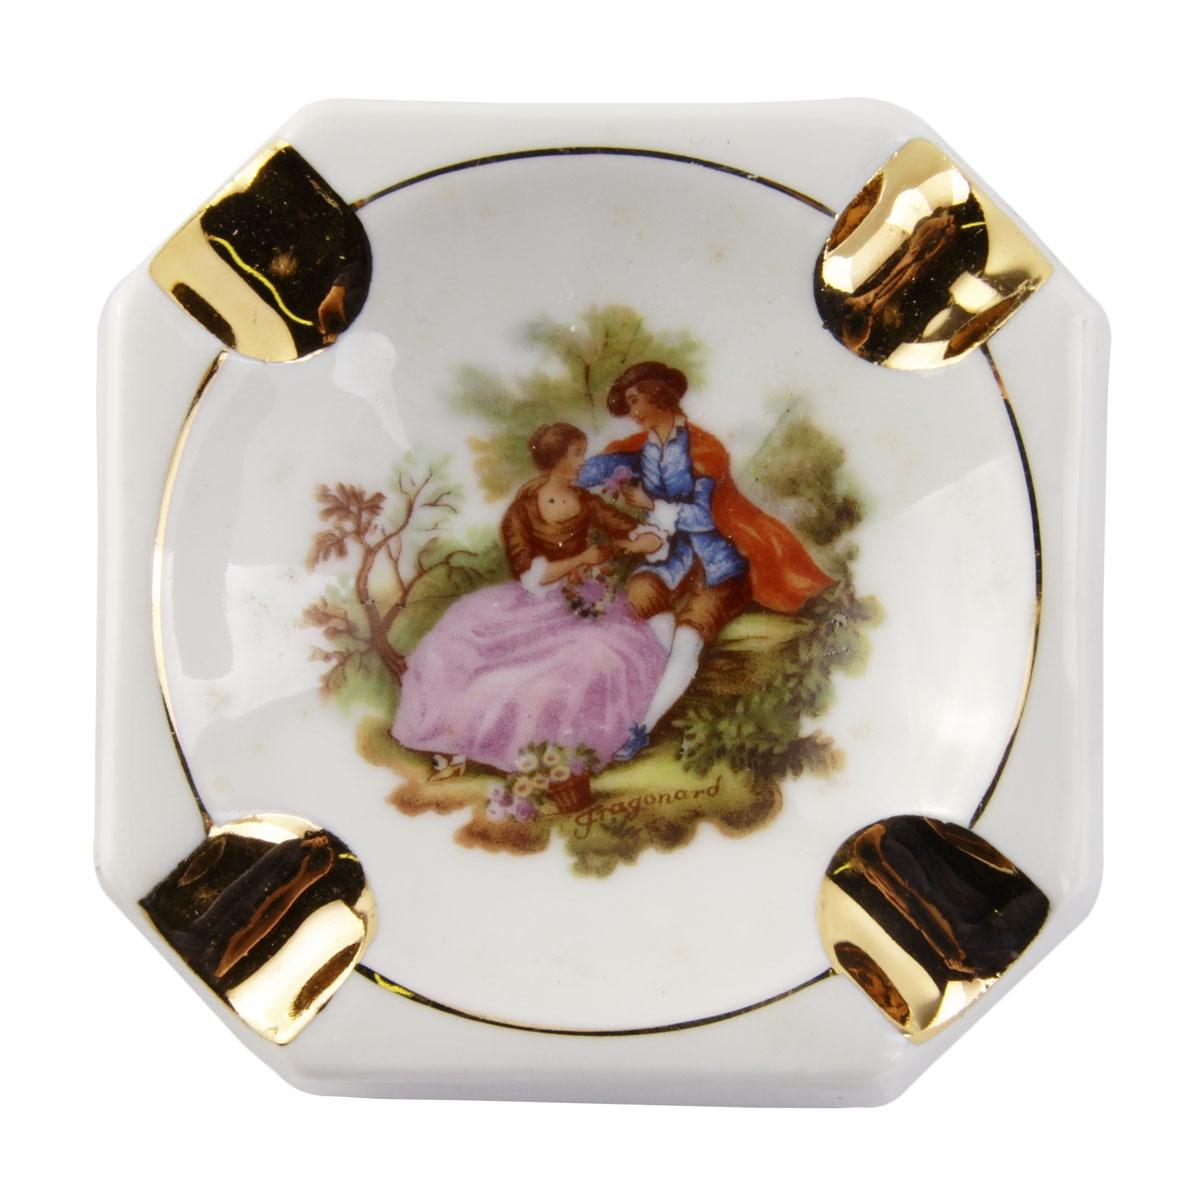 Пепельница Limoges Porcelain Рандеву, белый, розовый, коричнево-красный, красный декоративное блюдце танец в саду фарфор роспись деколь limoges франция вторая половина xx века